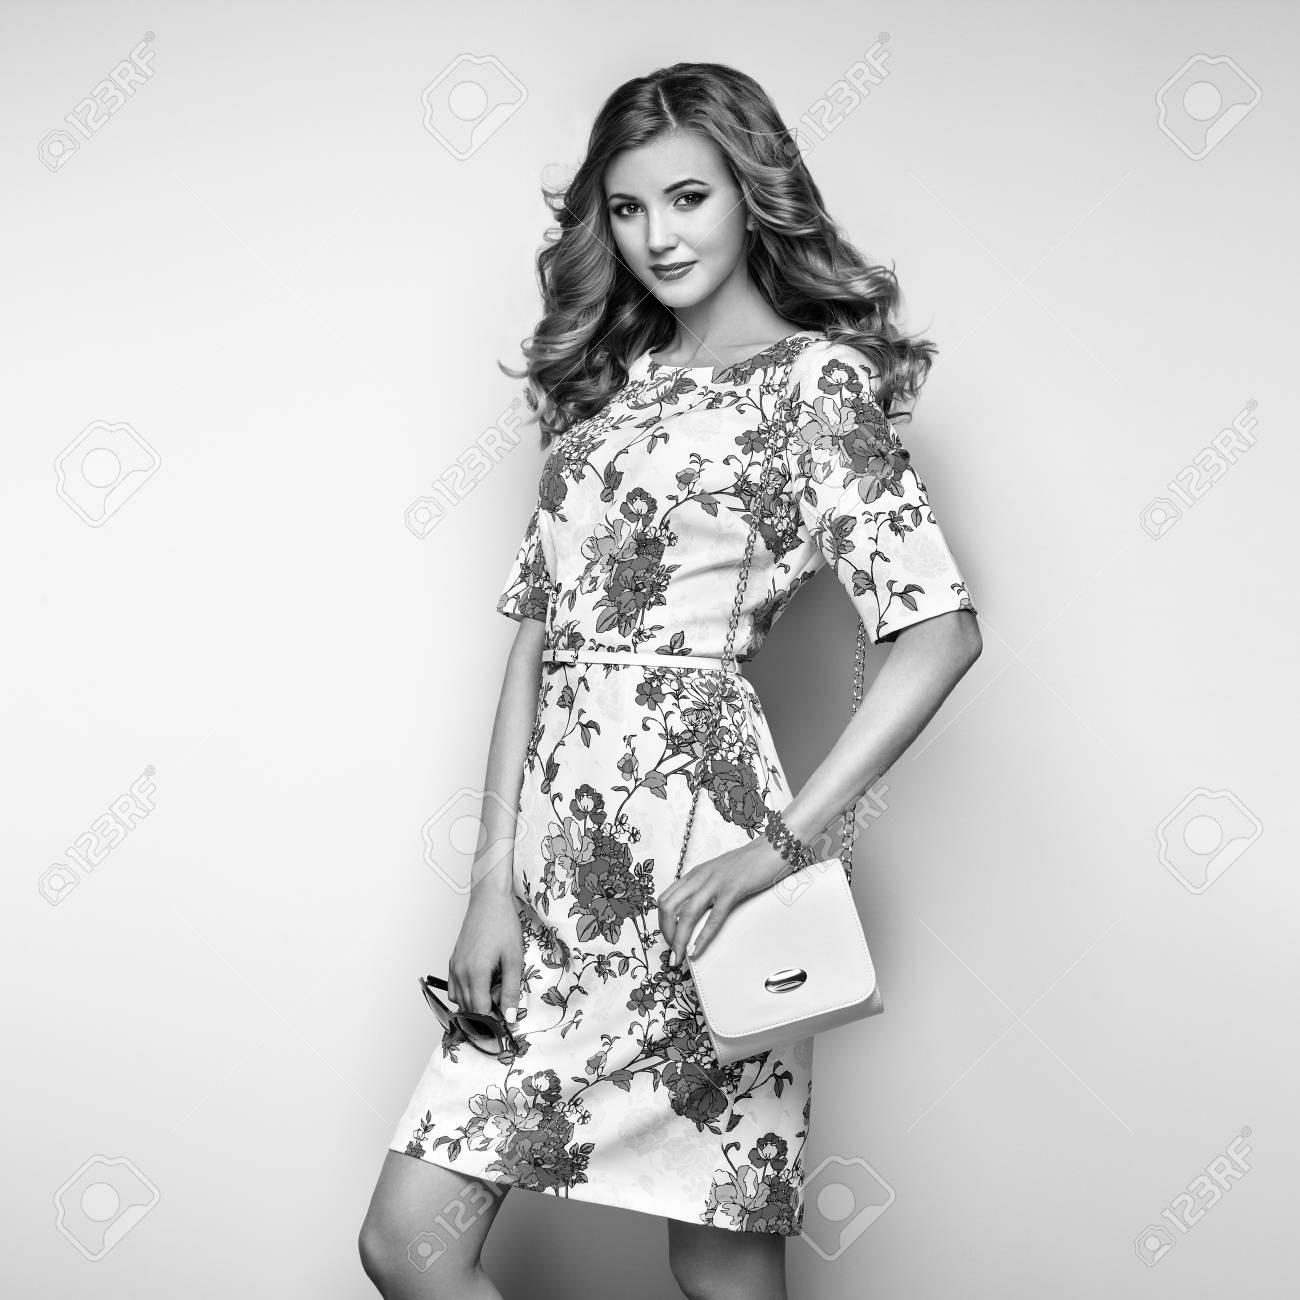 15 Top Sommerkleid Schwarz Weiß GalerieDesigner Ausgezeichnet Sommerkleid Schwarz Weiß Spezialgebiet